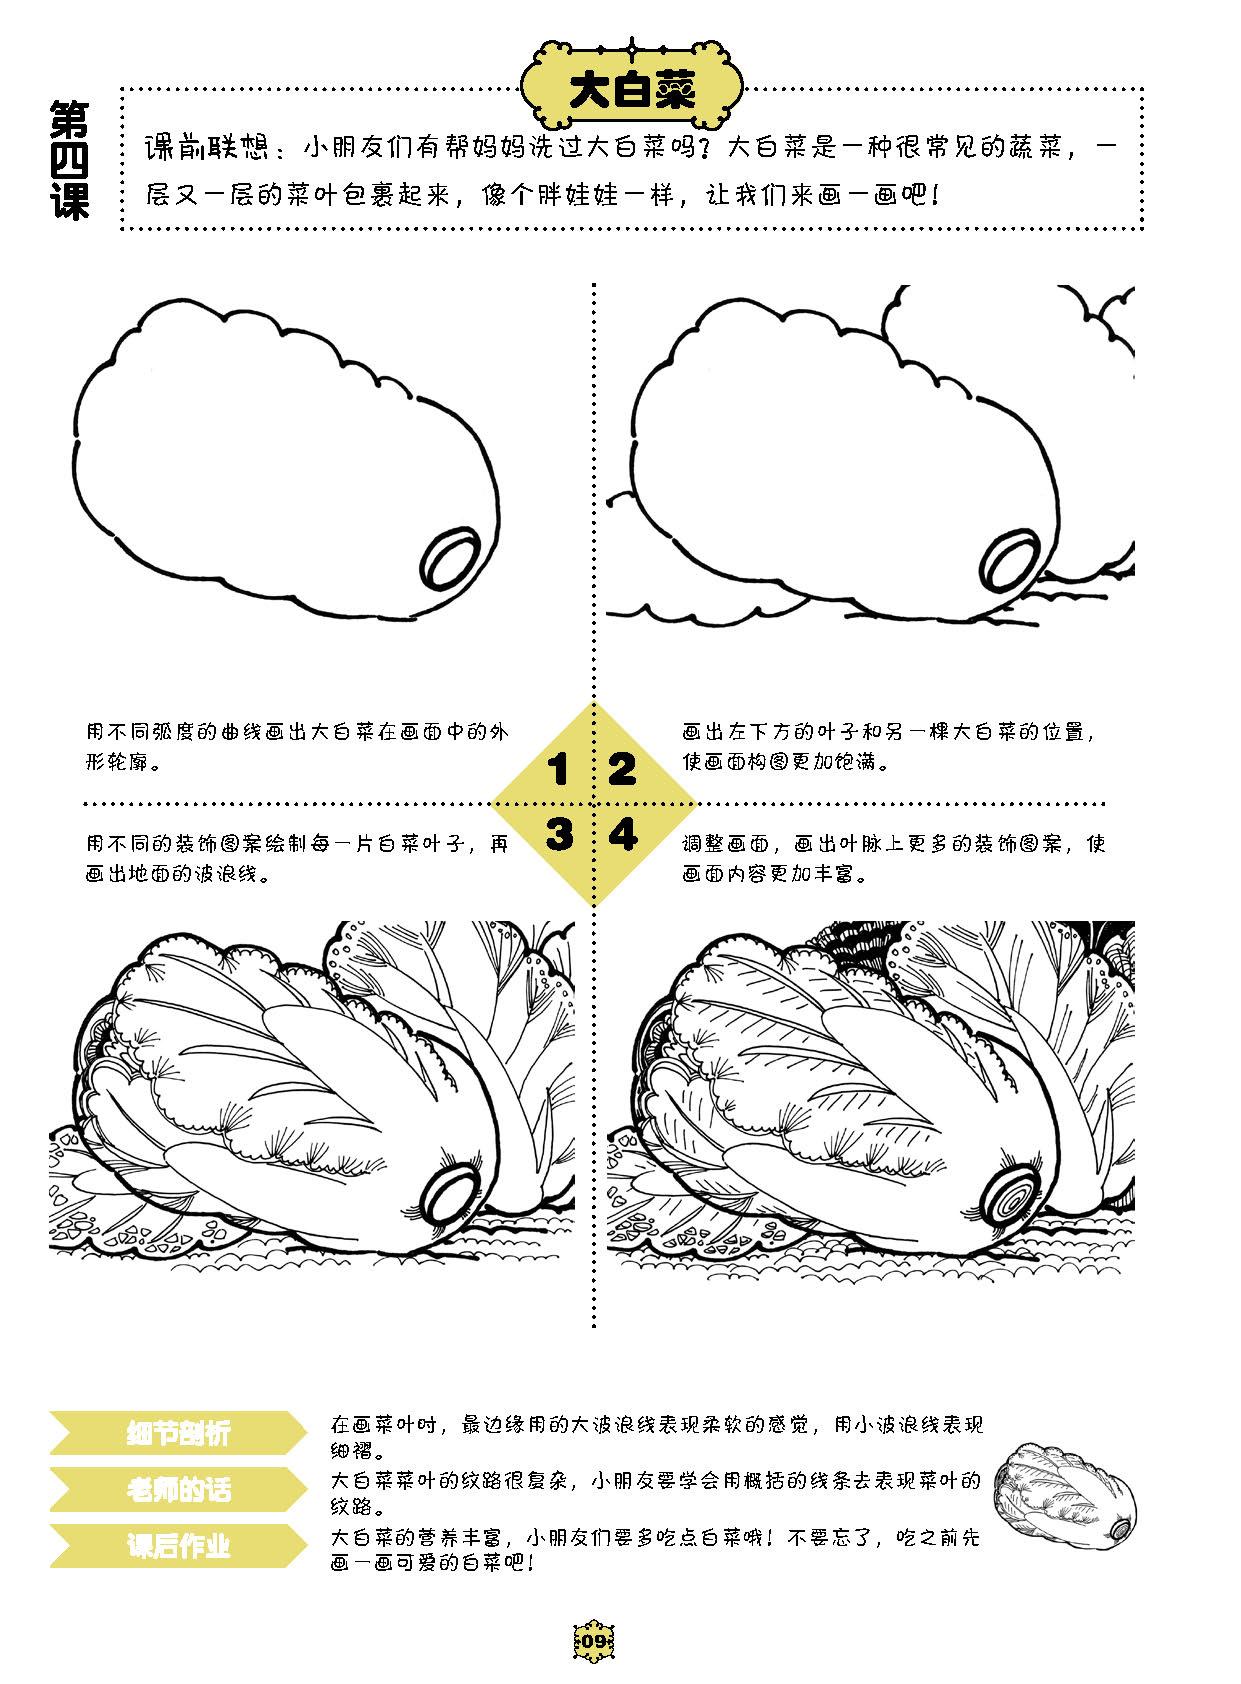 全6册 敲门砖 启蒙小画家 线描·创意篇植物人物美食动物 儿童绘画画